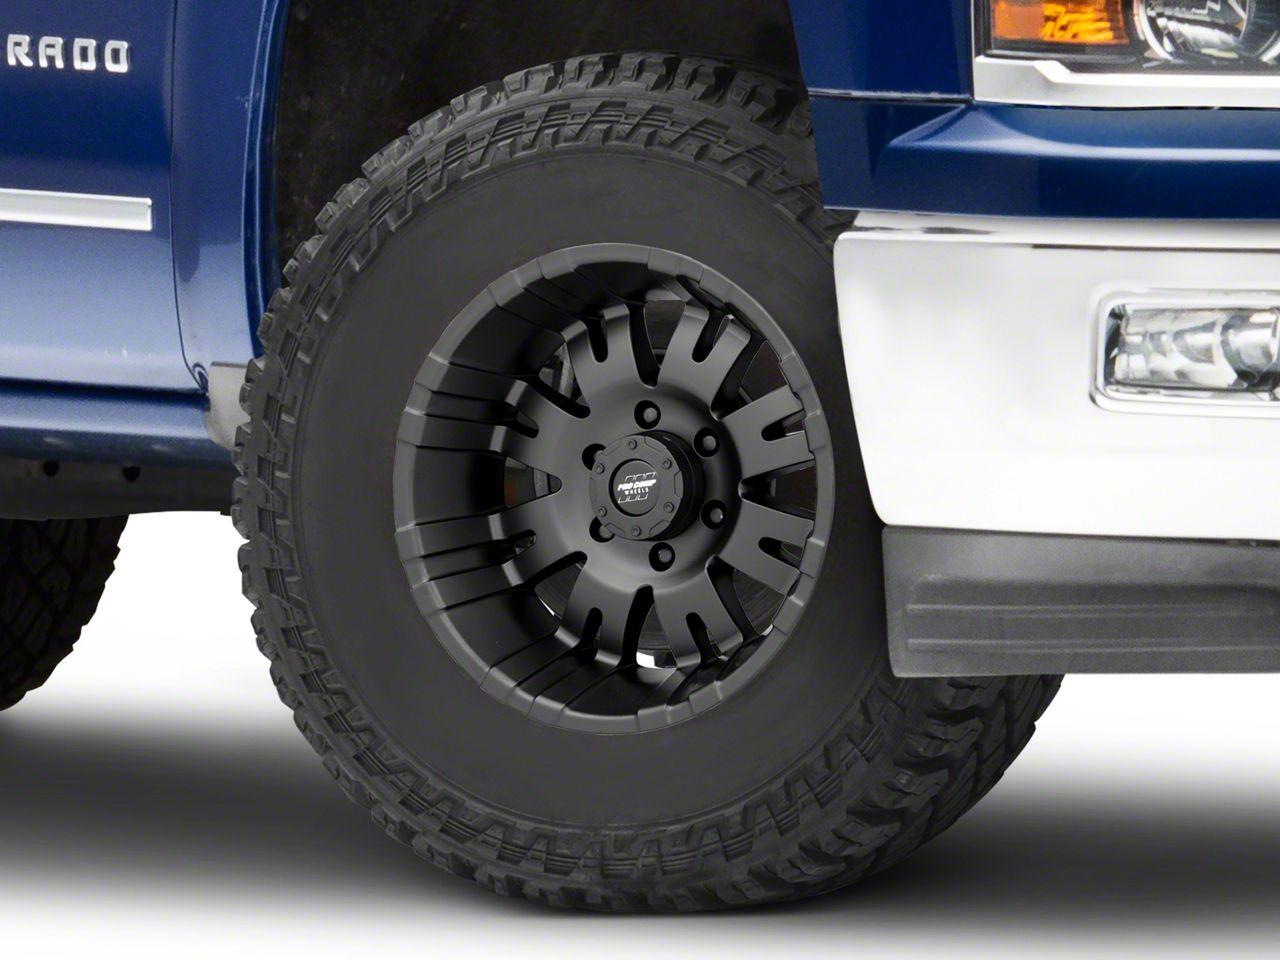 Pro Comp Series 5001 Satin Black 6-Lug Wheel - 17x8 (99-18 Silverado 1500)